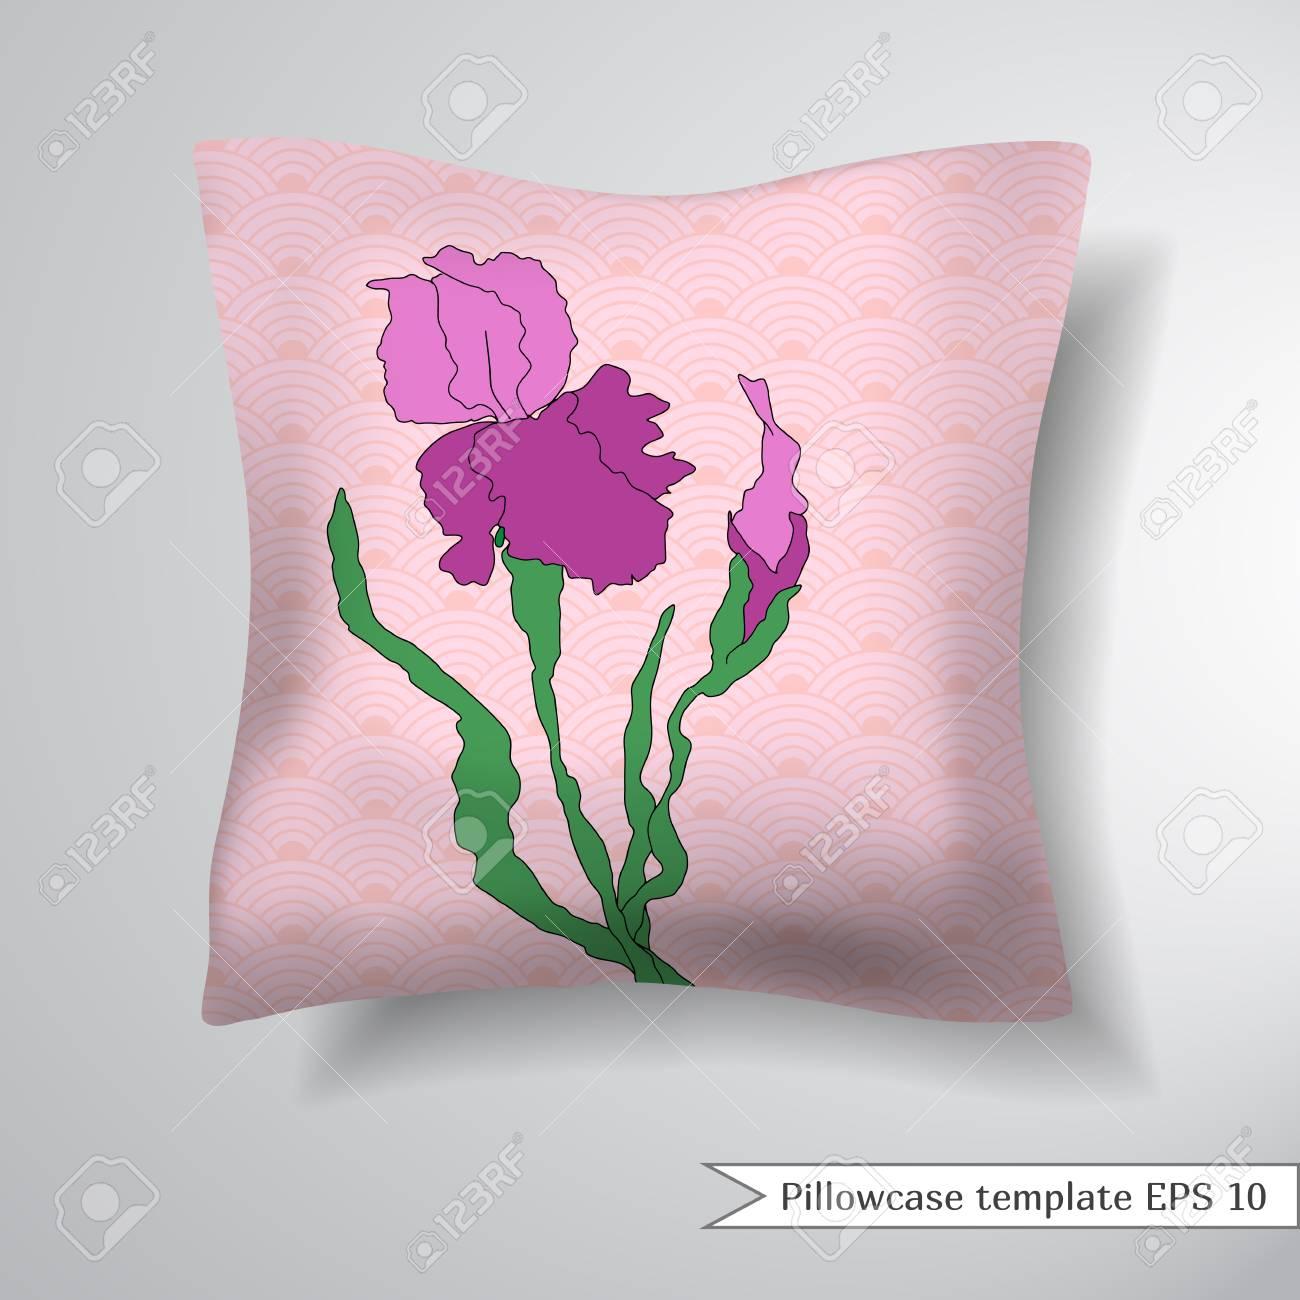 Lujoso Plantilla Plegable De Iris Ornamento - Ejemplo De Colección ...